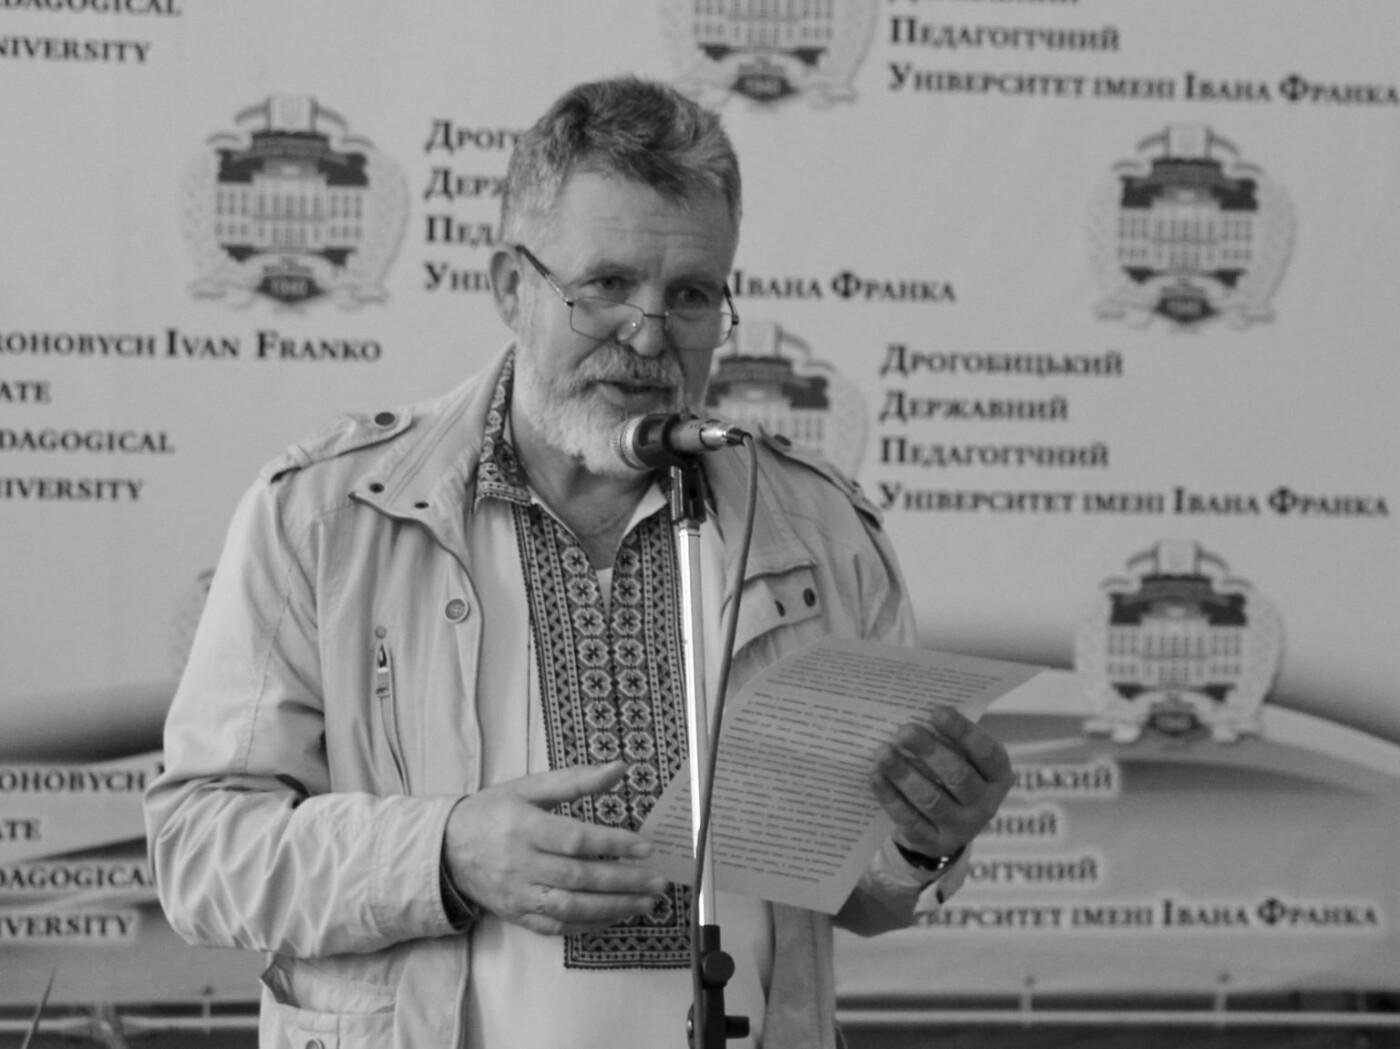 Костянтин Іваночко - викладач. Фото - ДМР